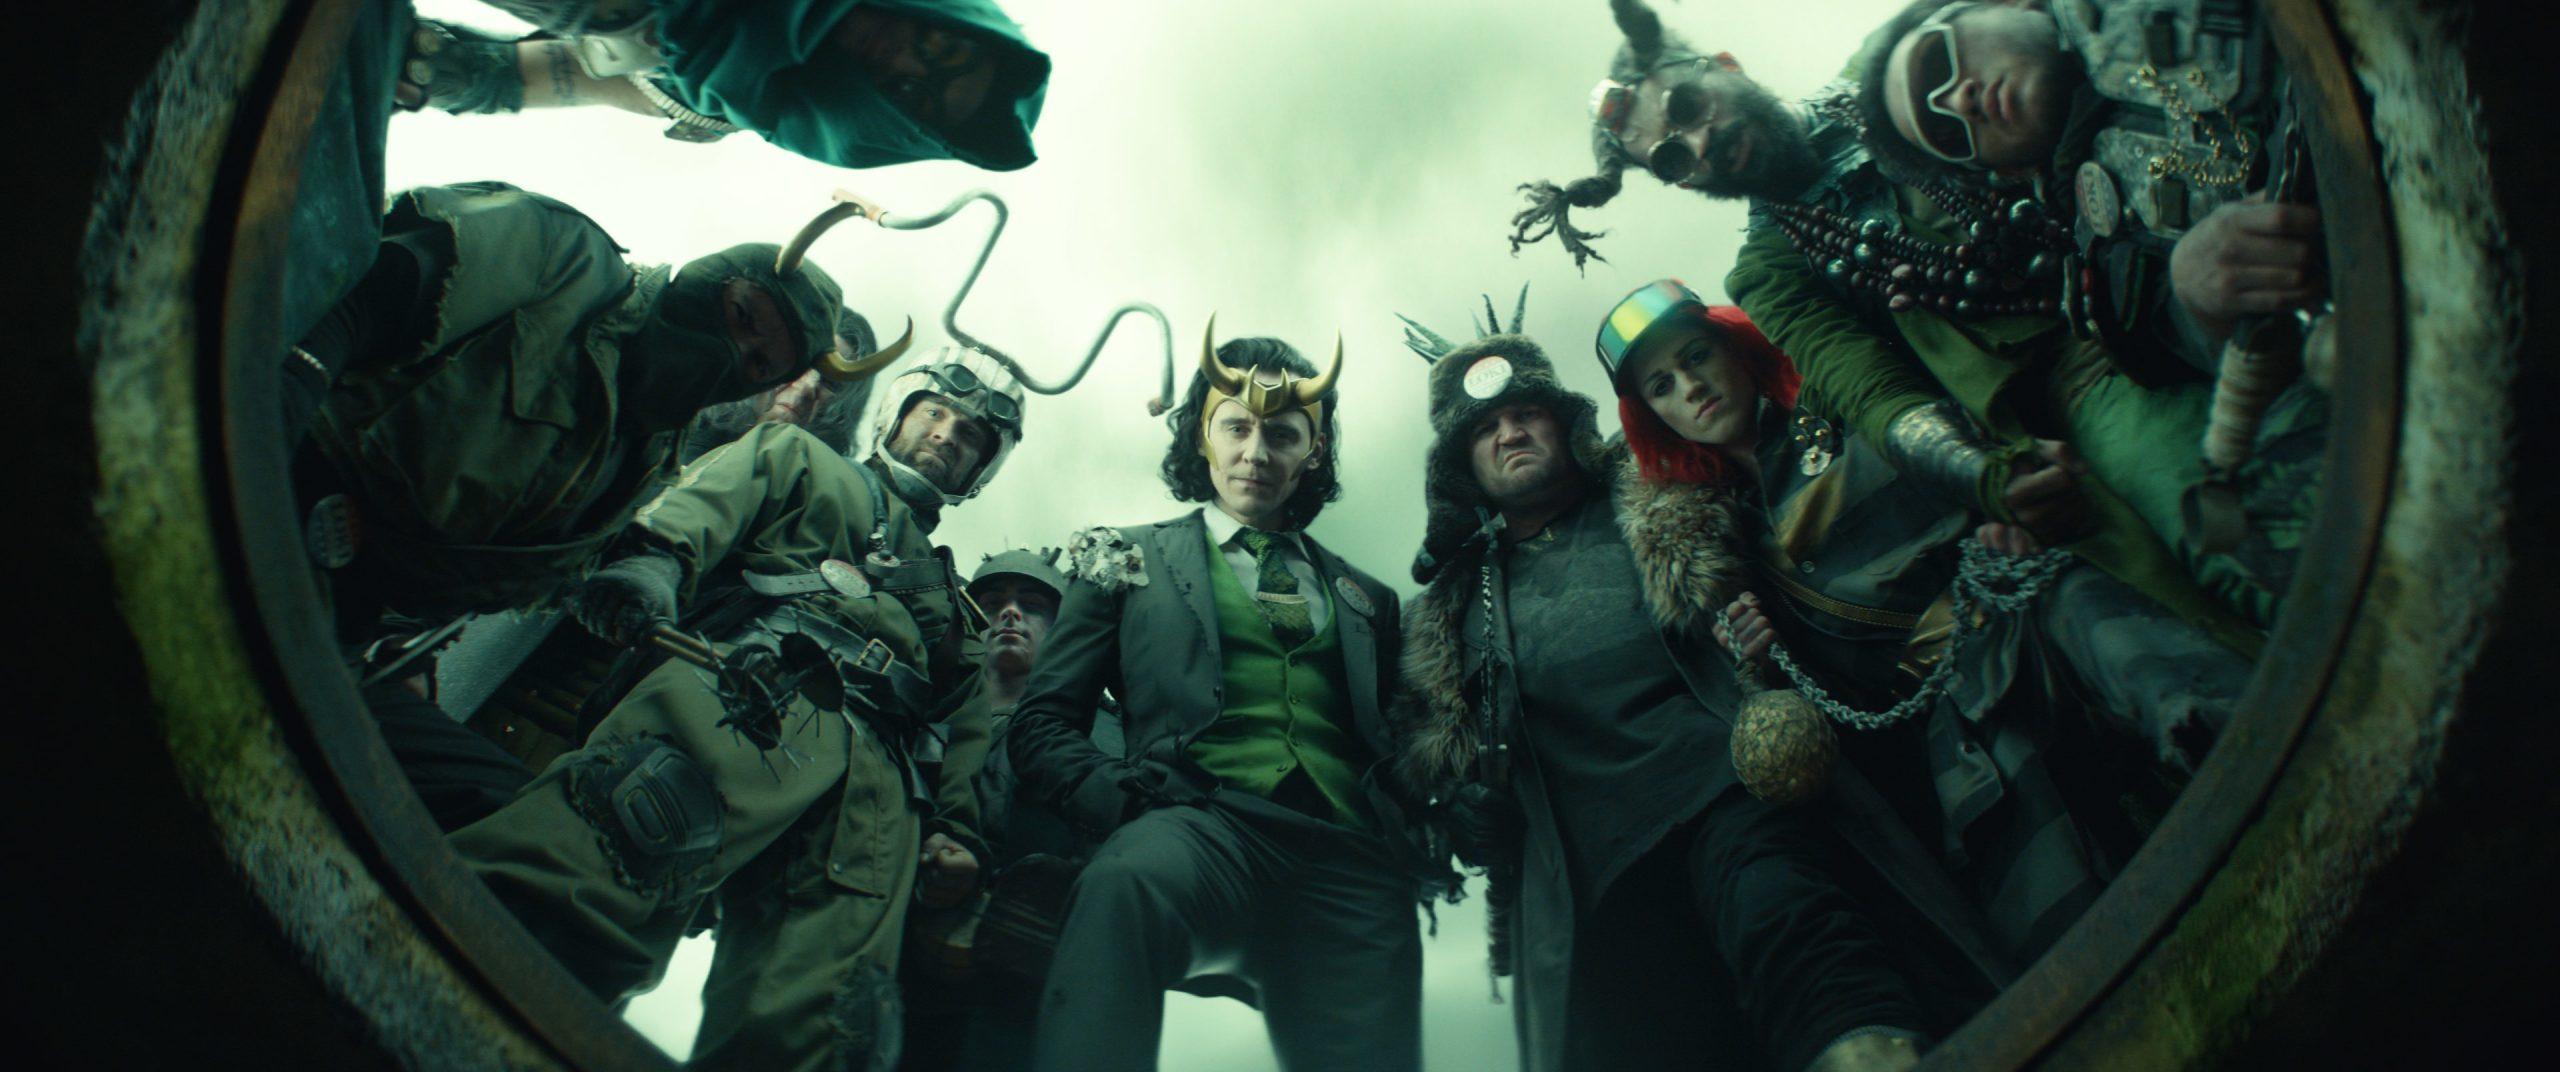 ¡El Lokiverse! Estos fueron los mejores memes y reacciones al quinto episodio de 'Loki'